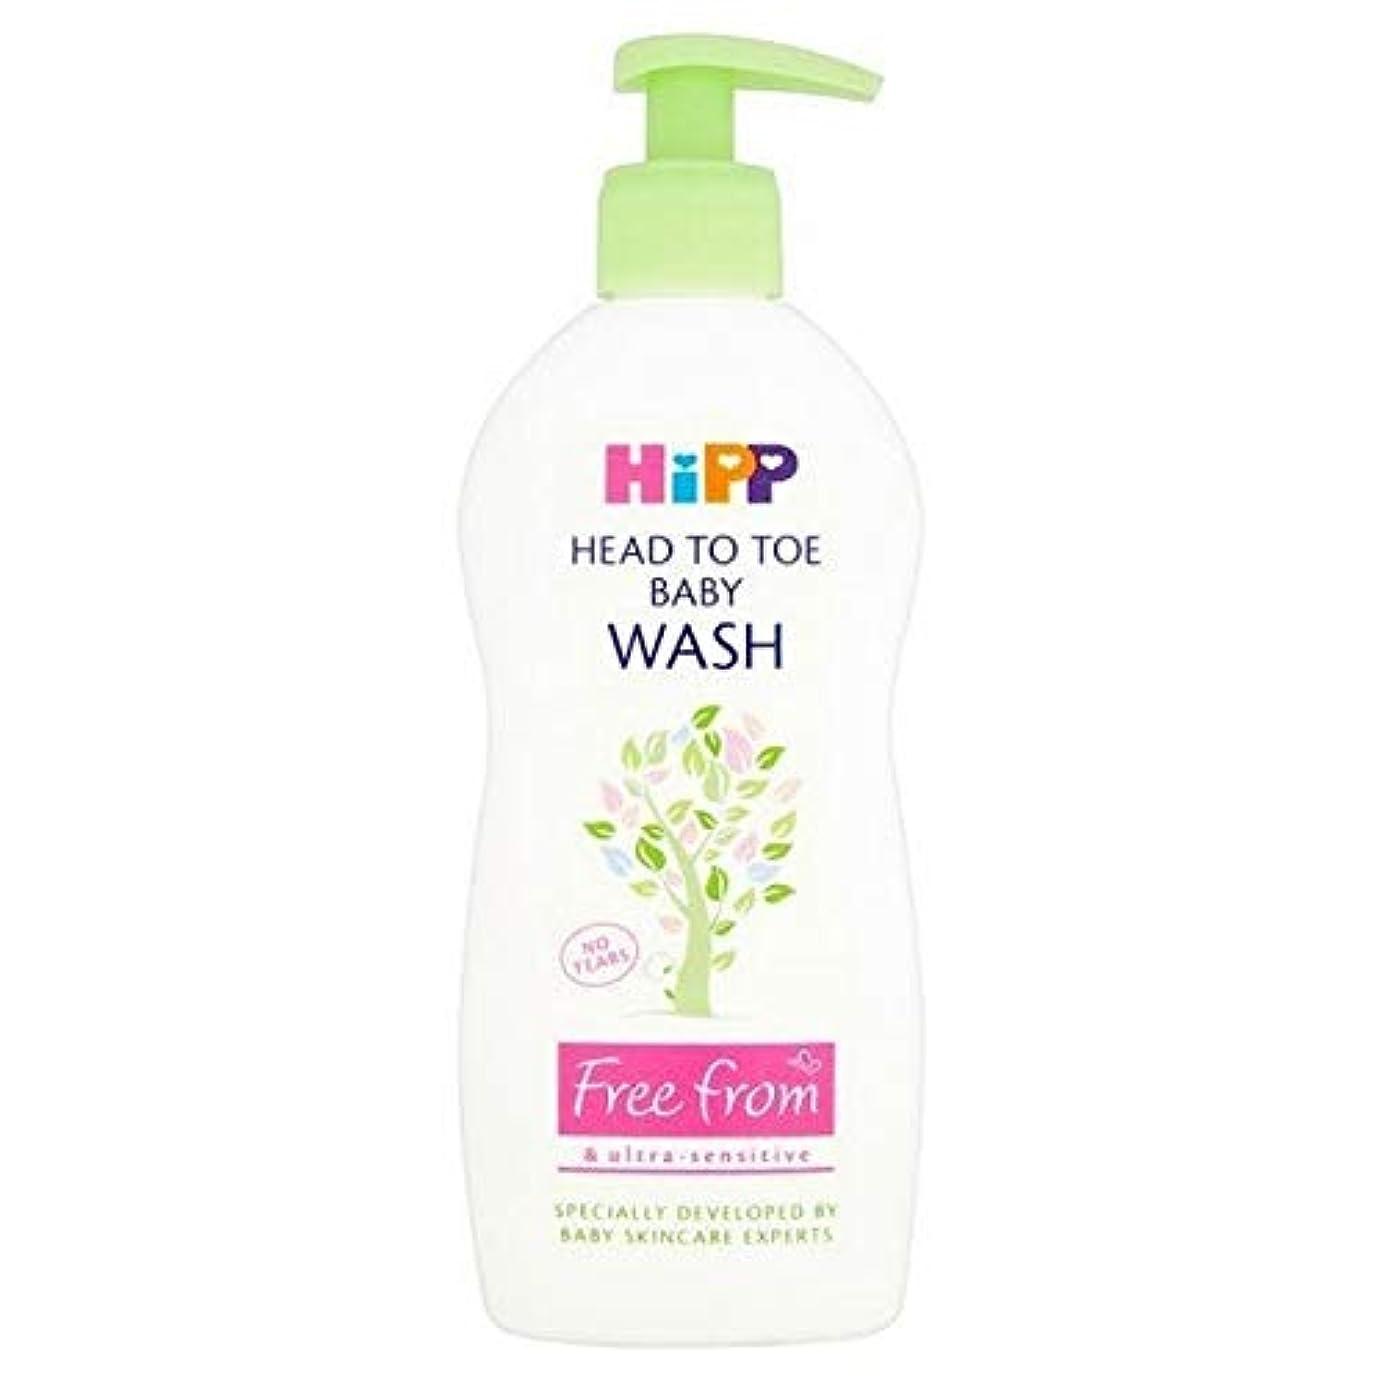 絶滅させる王位賢い[Hipp ] 頭からつま先洗浄400ミリリットルにヒップ無料 - HiPP Free From Head to Toe Wash 400ml [並行輸入品]